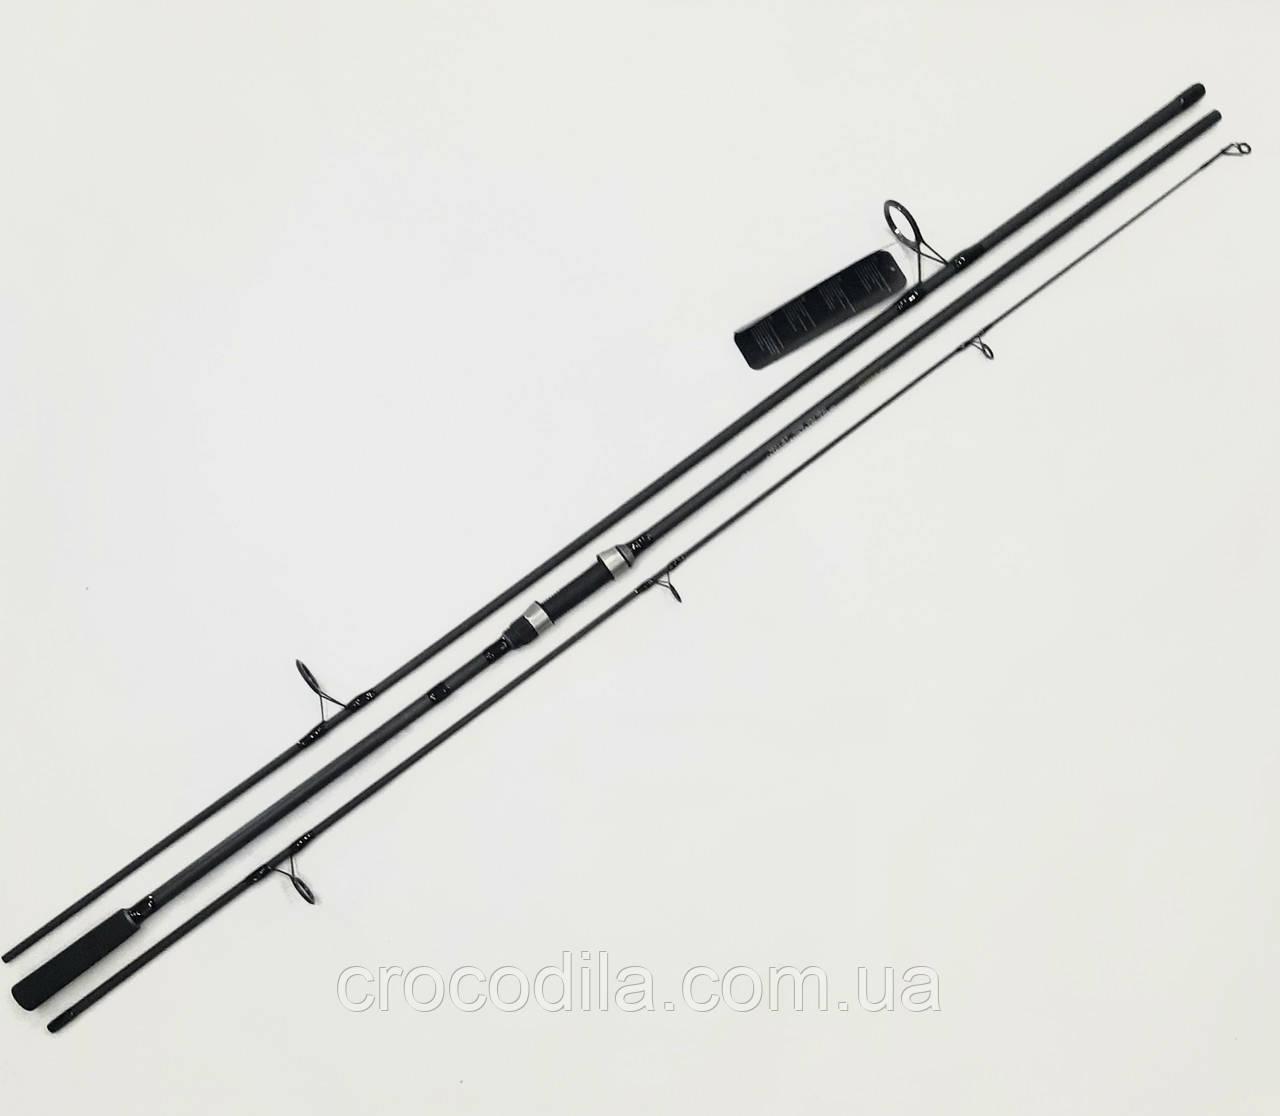 Удилище карповое Feima Superior 3.5 lb 3.9 м с 50 мм кольцом  трех-составное